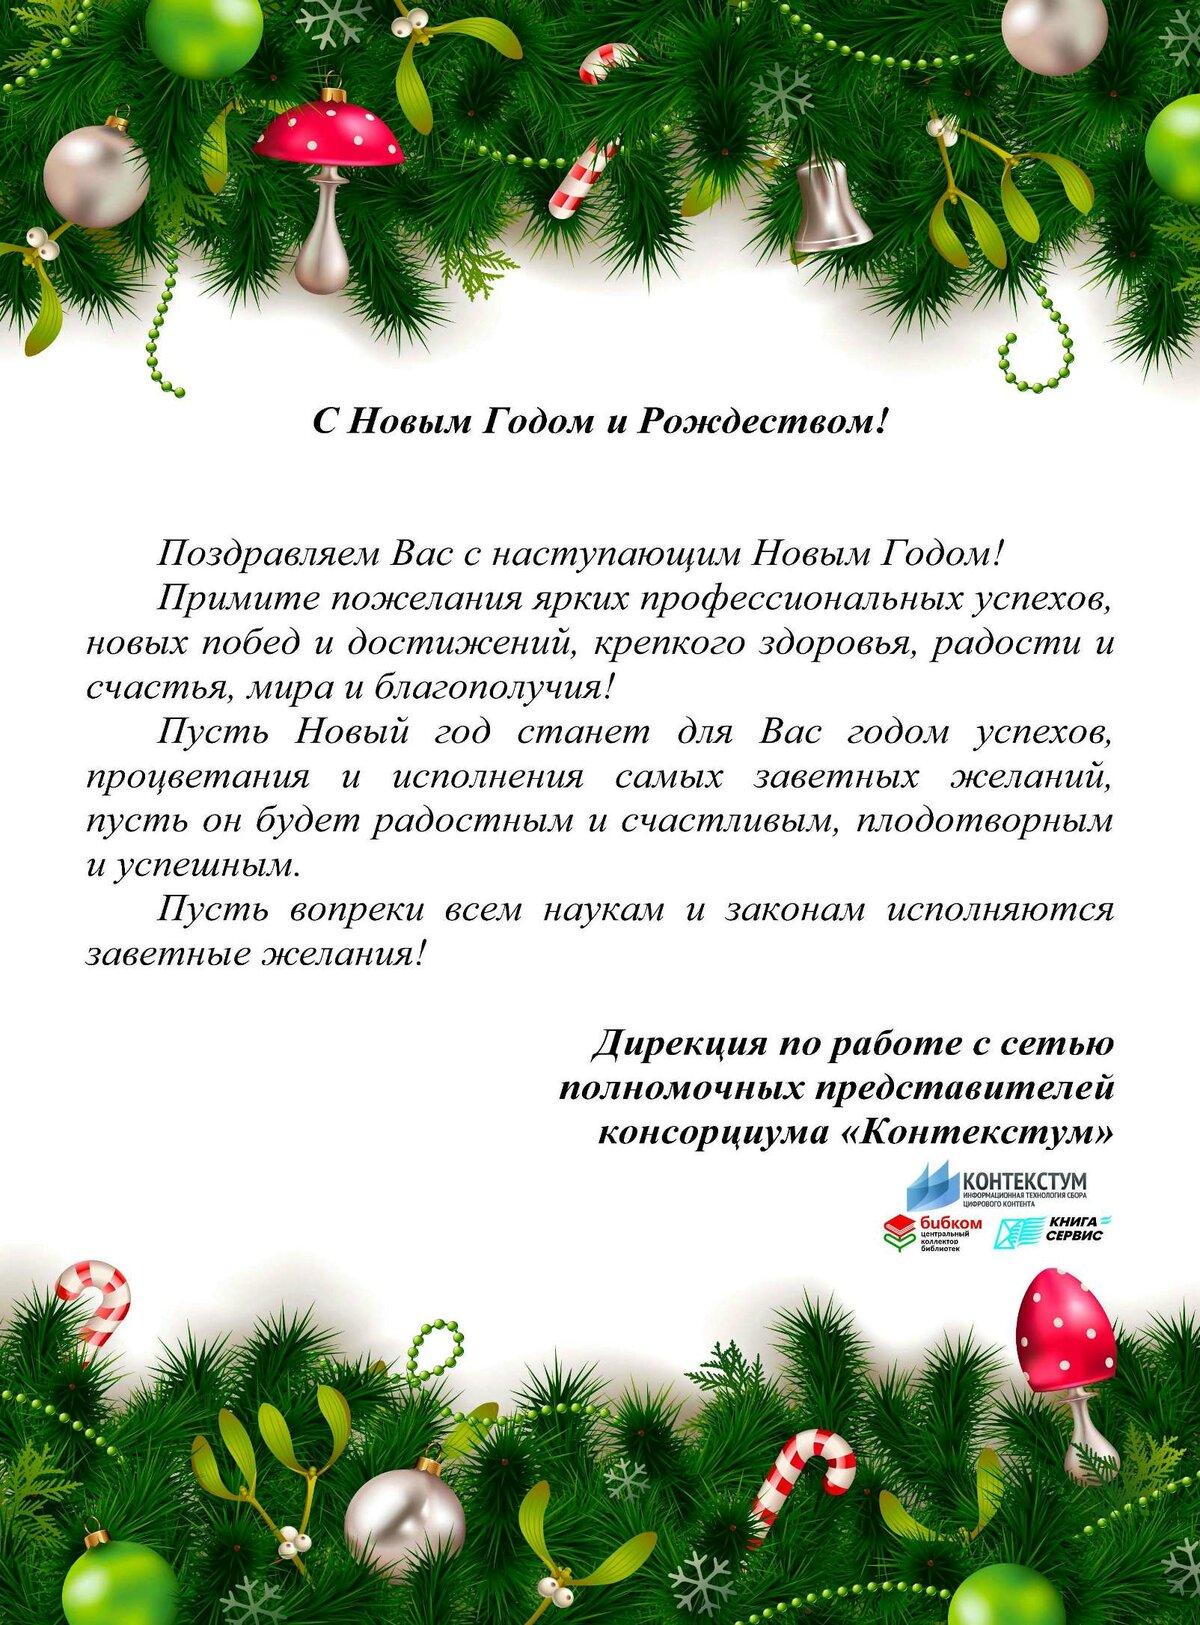 Текст поздравления открытка, днем рождения